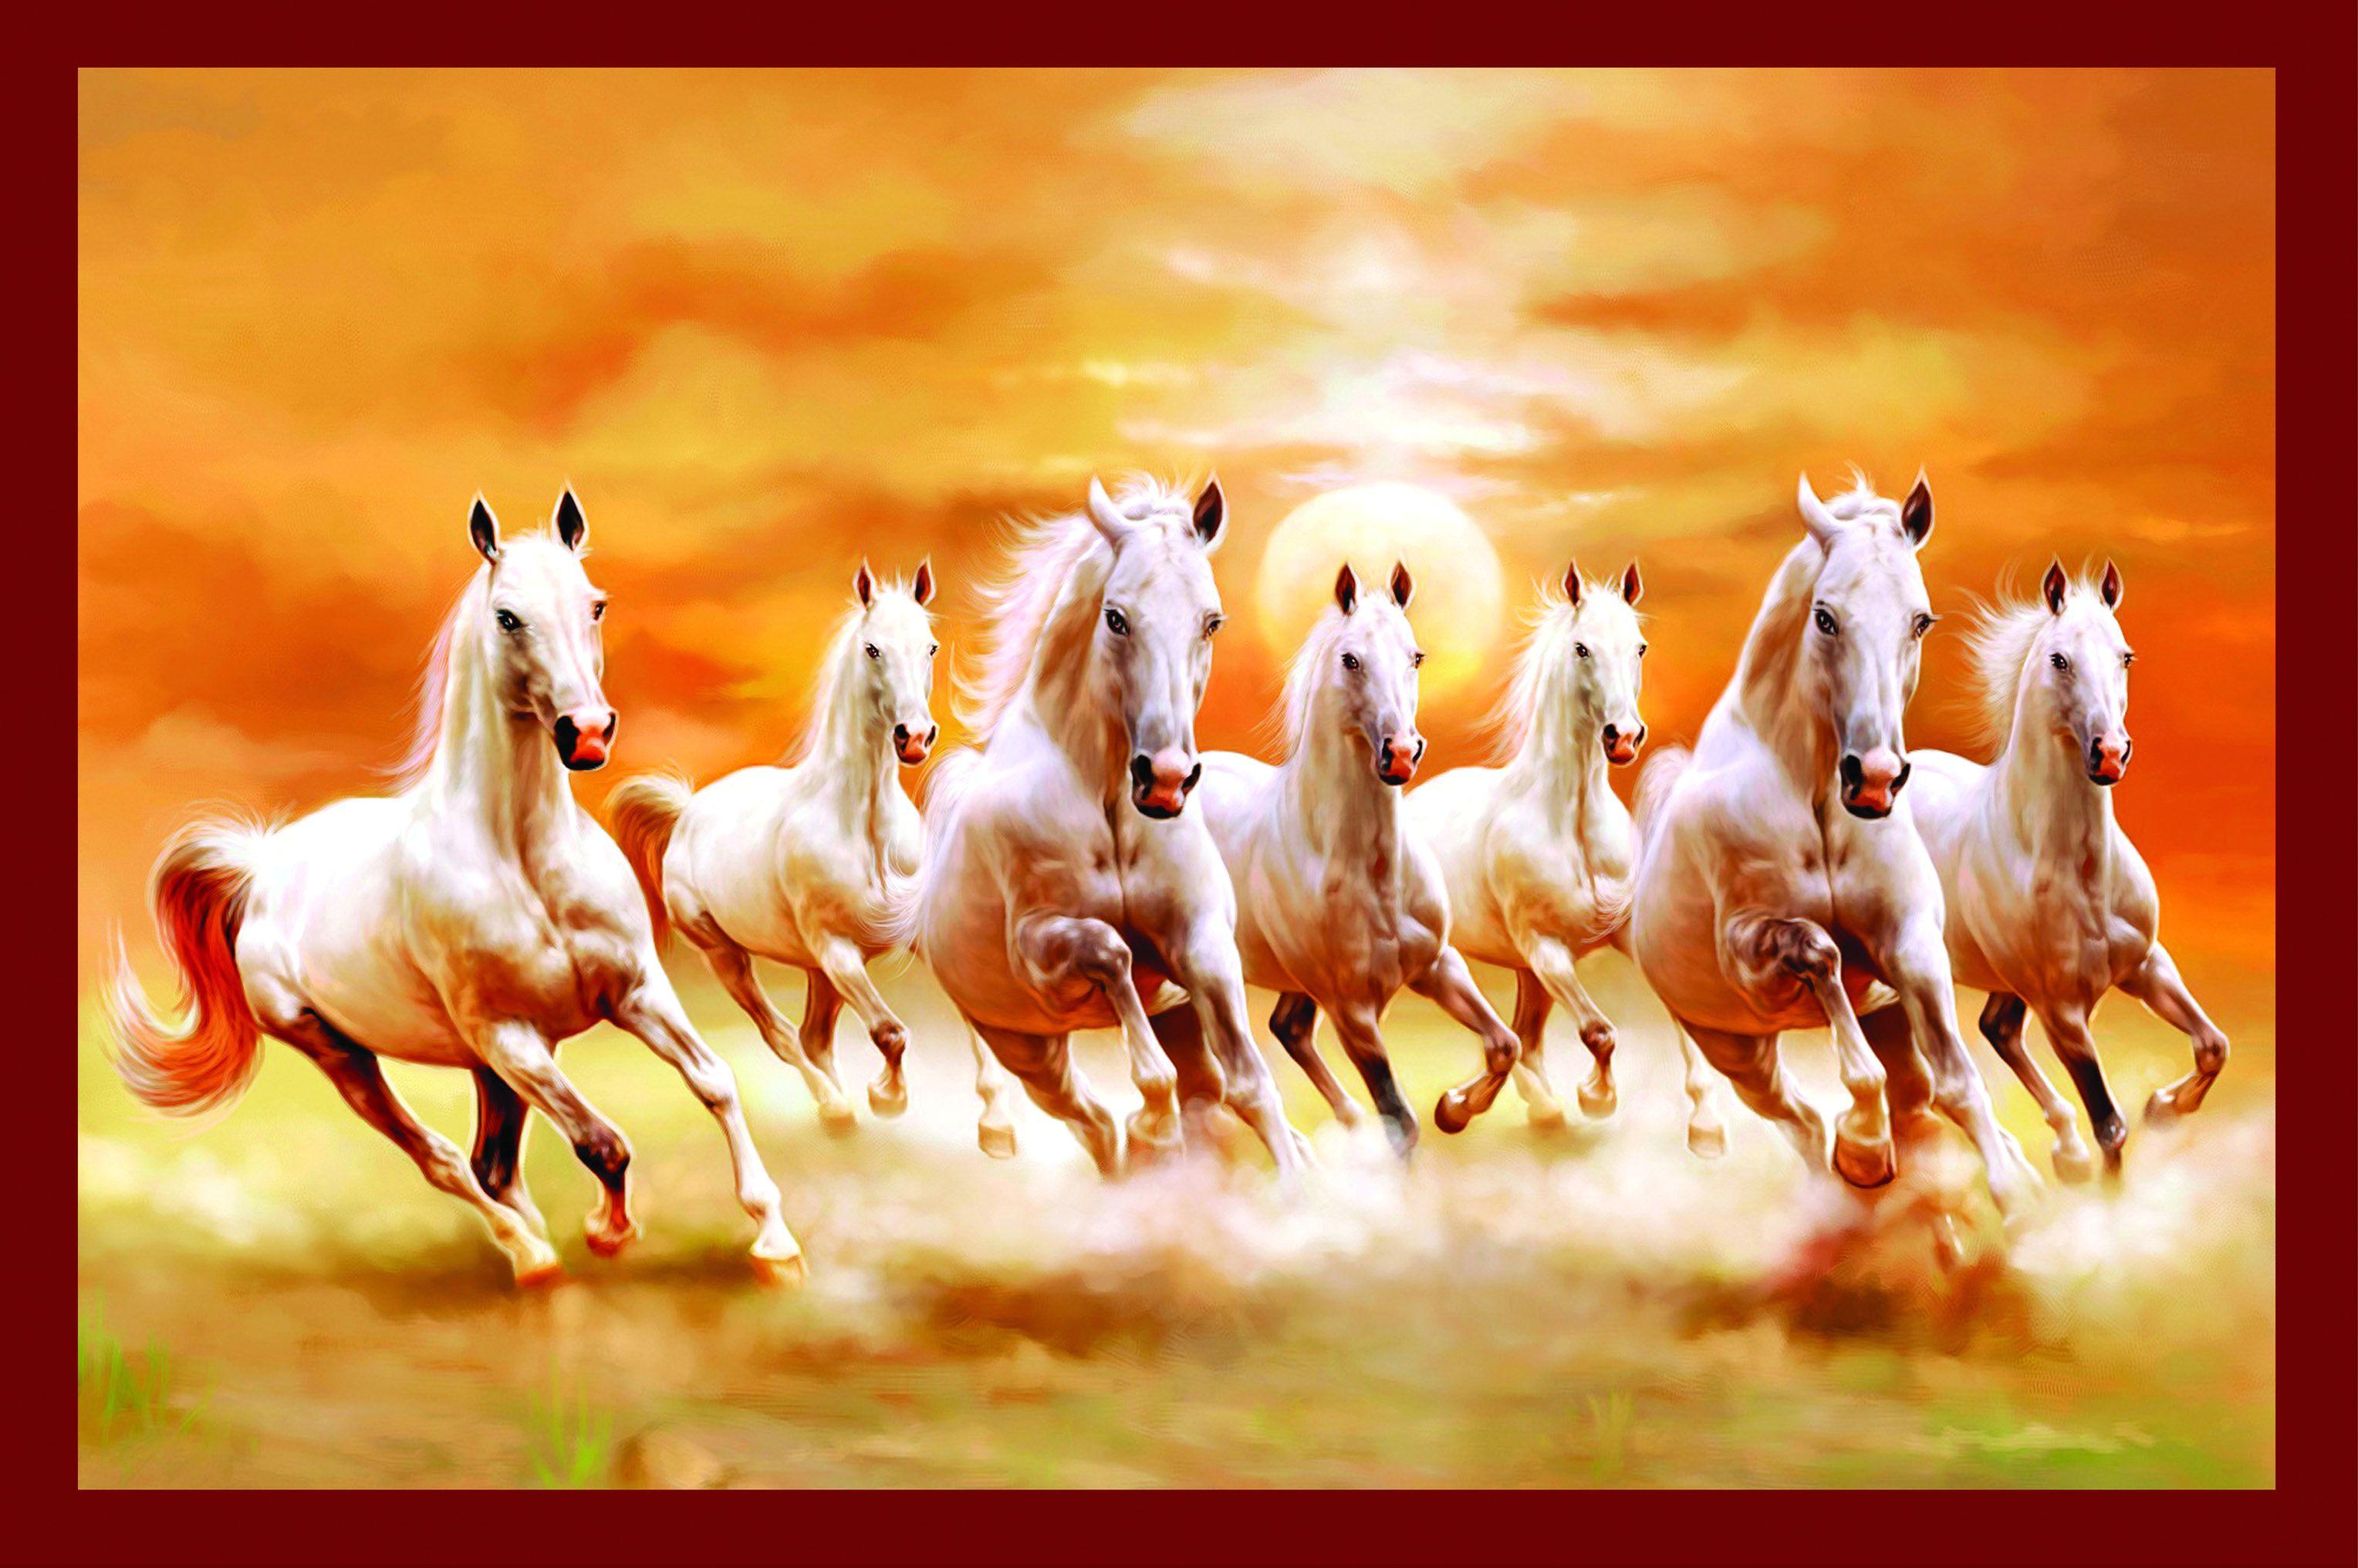 Vastu Seven Horses 3056x2032 Wallpaper Teahub Io